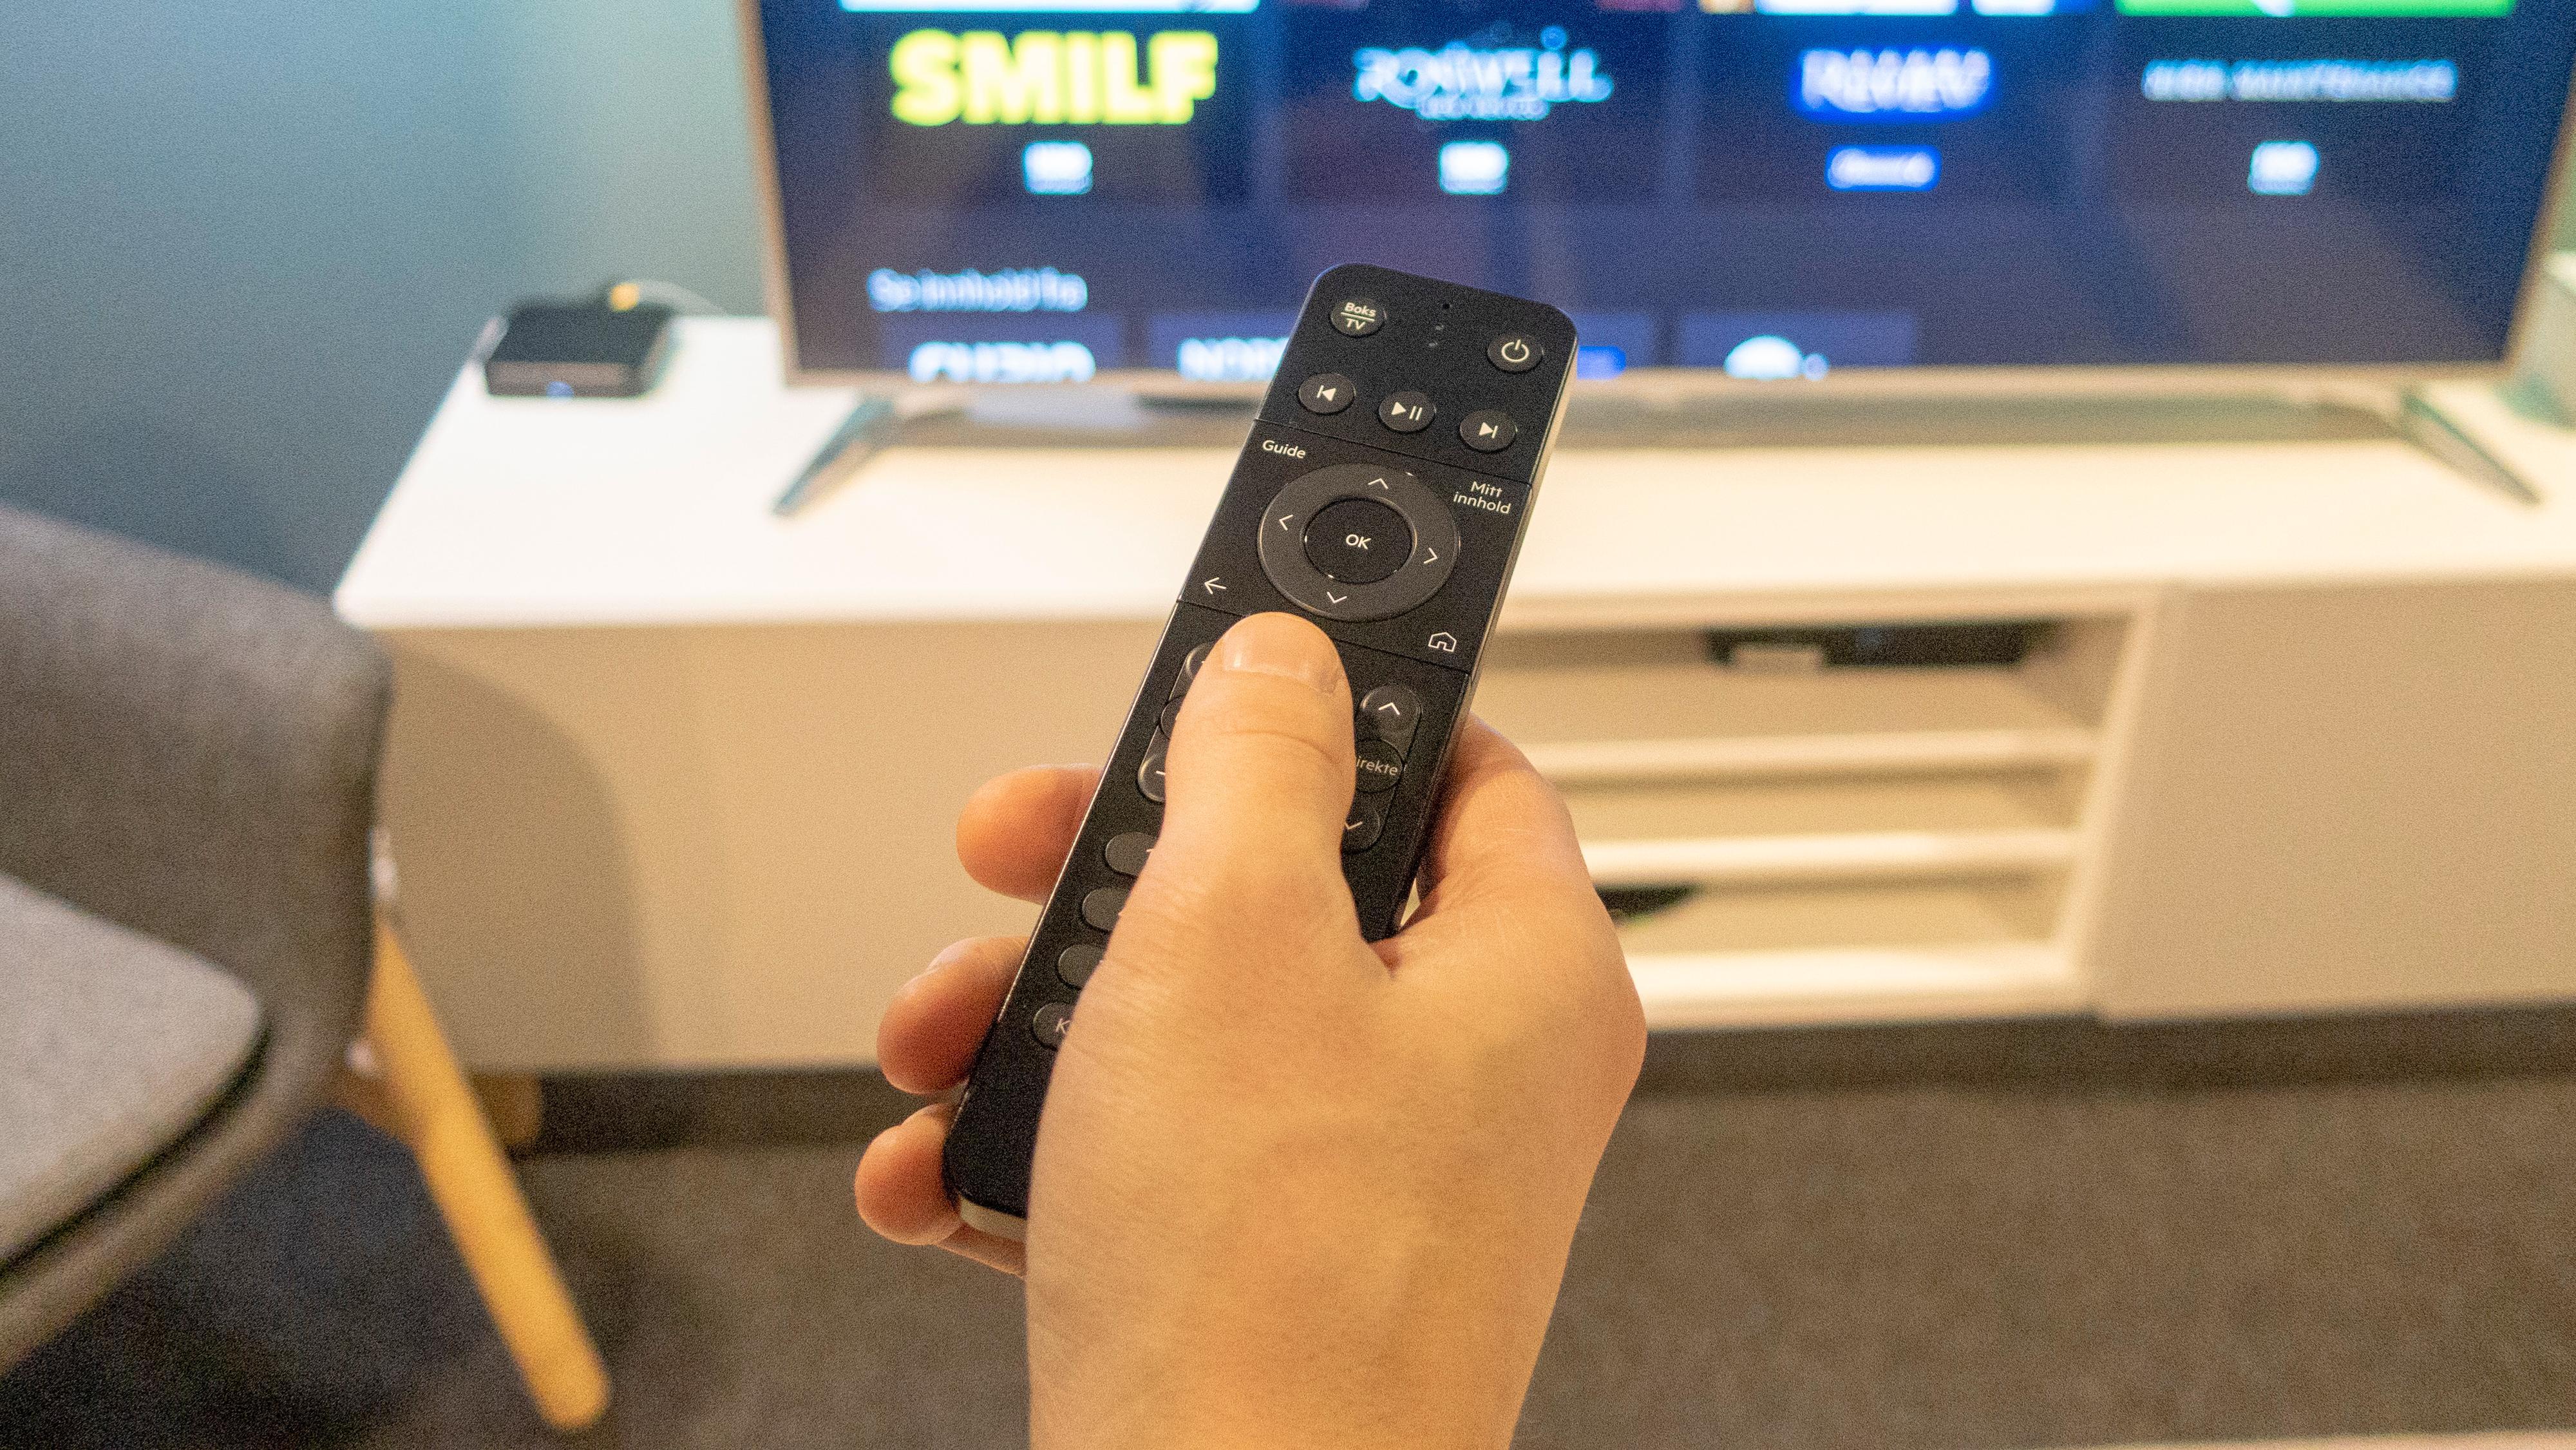 Fjernkontrollen er relativt liten og kompakt.